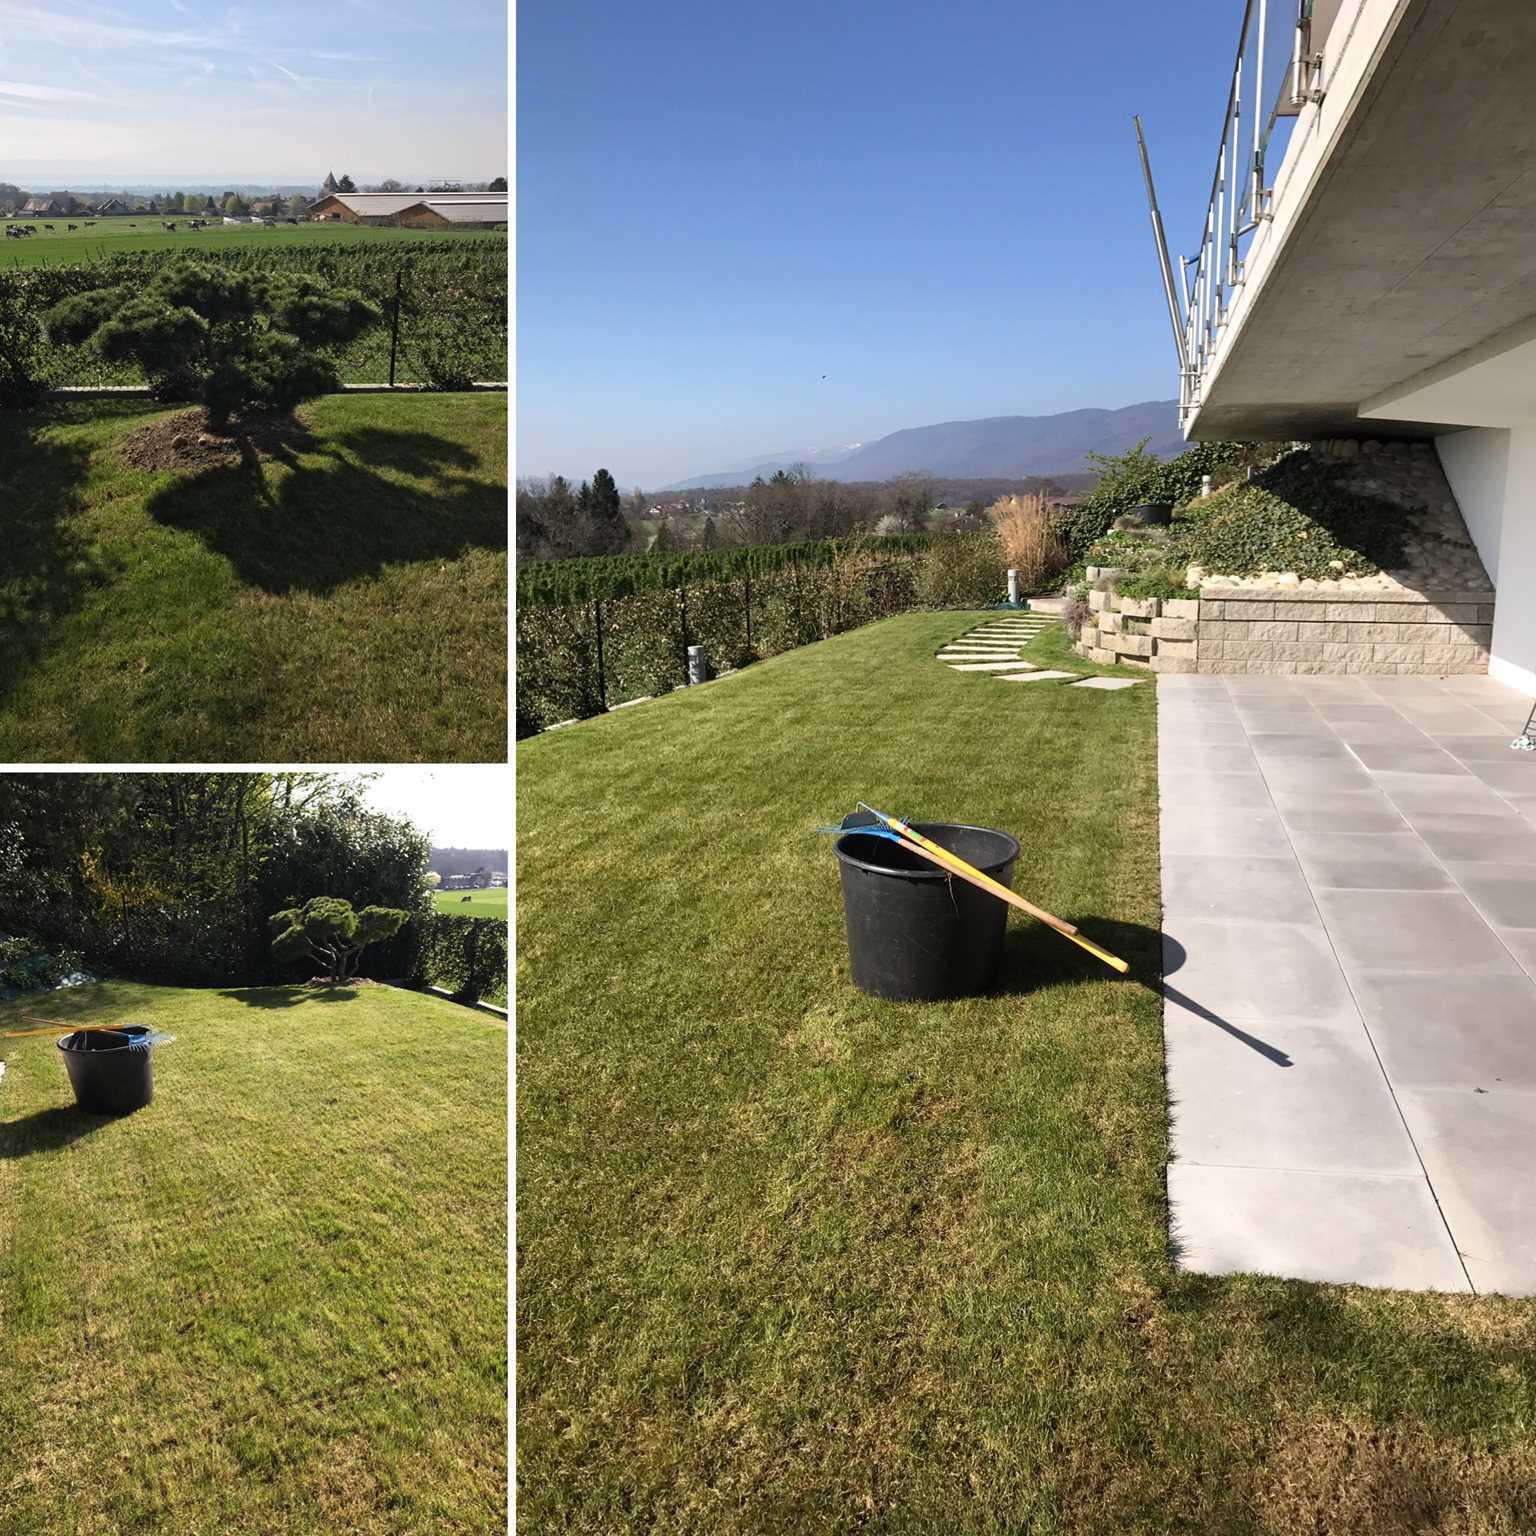 Parvex paysagiste entretien de jardins parcs potager for Entretien de jardins